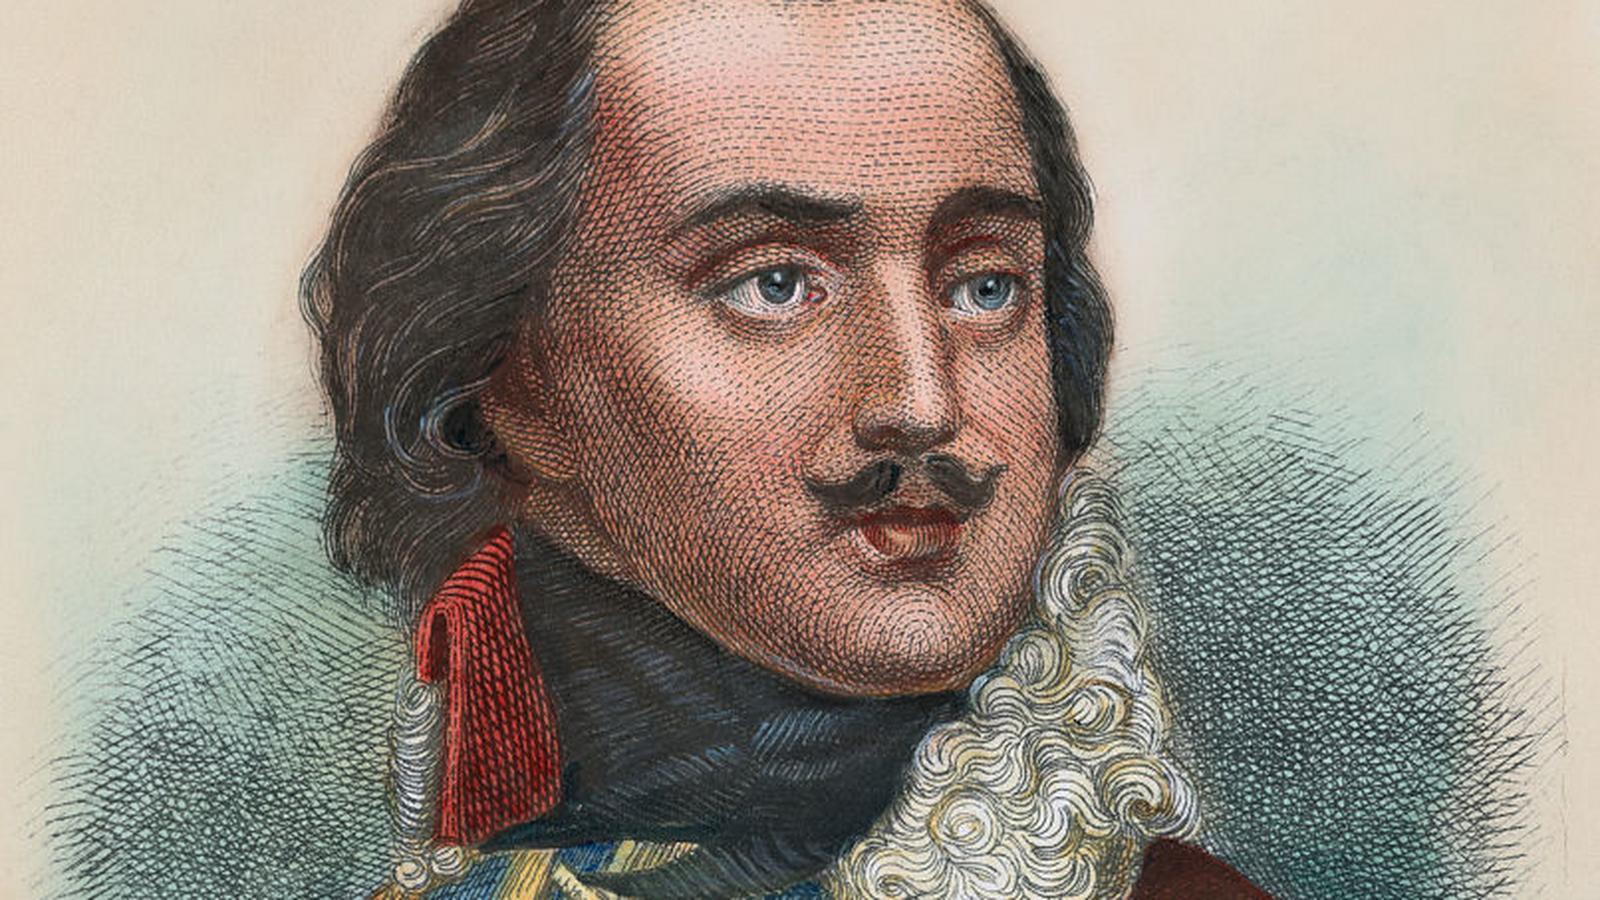 Jak bohater narodowy Ameryki zmienił płeć 240 lat po śmierci